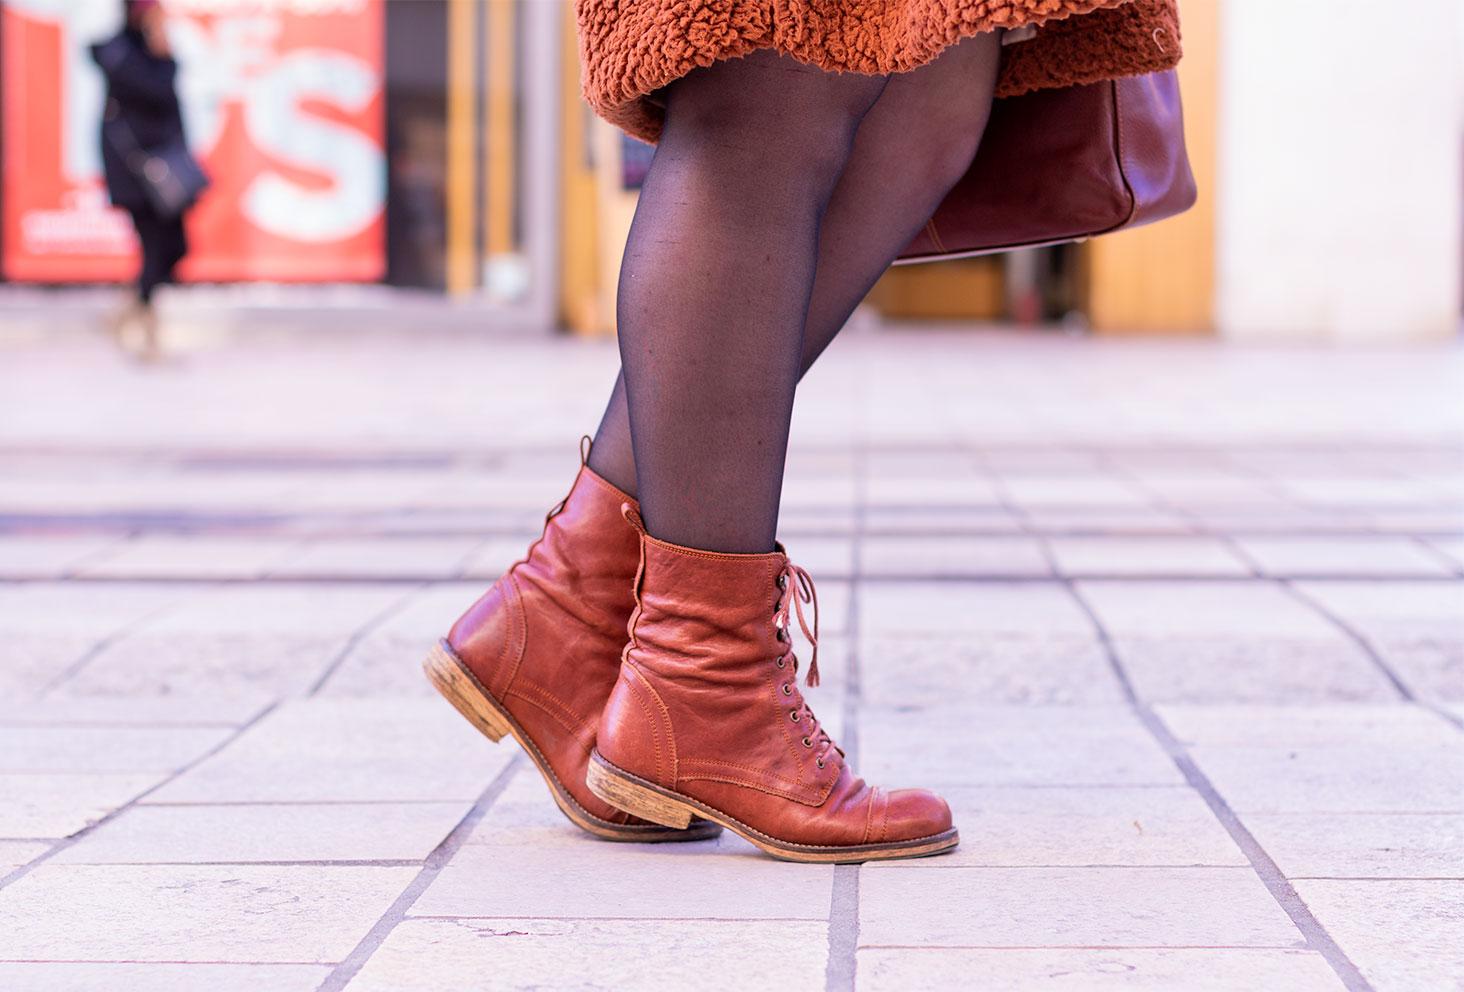 Zoom sur les boots à lacets camel de la marque Jonak portées en pleine rue en train de marcher